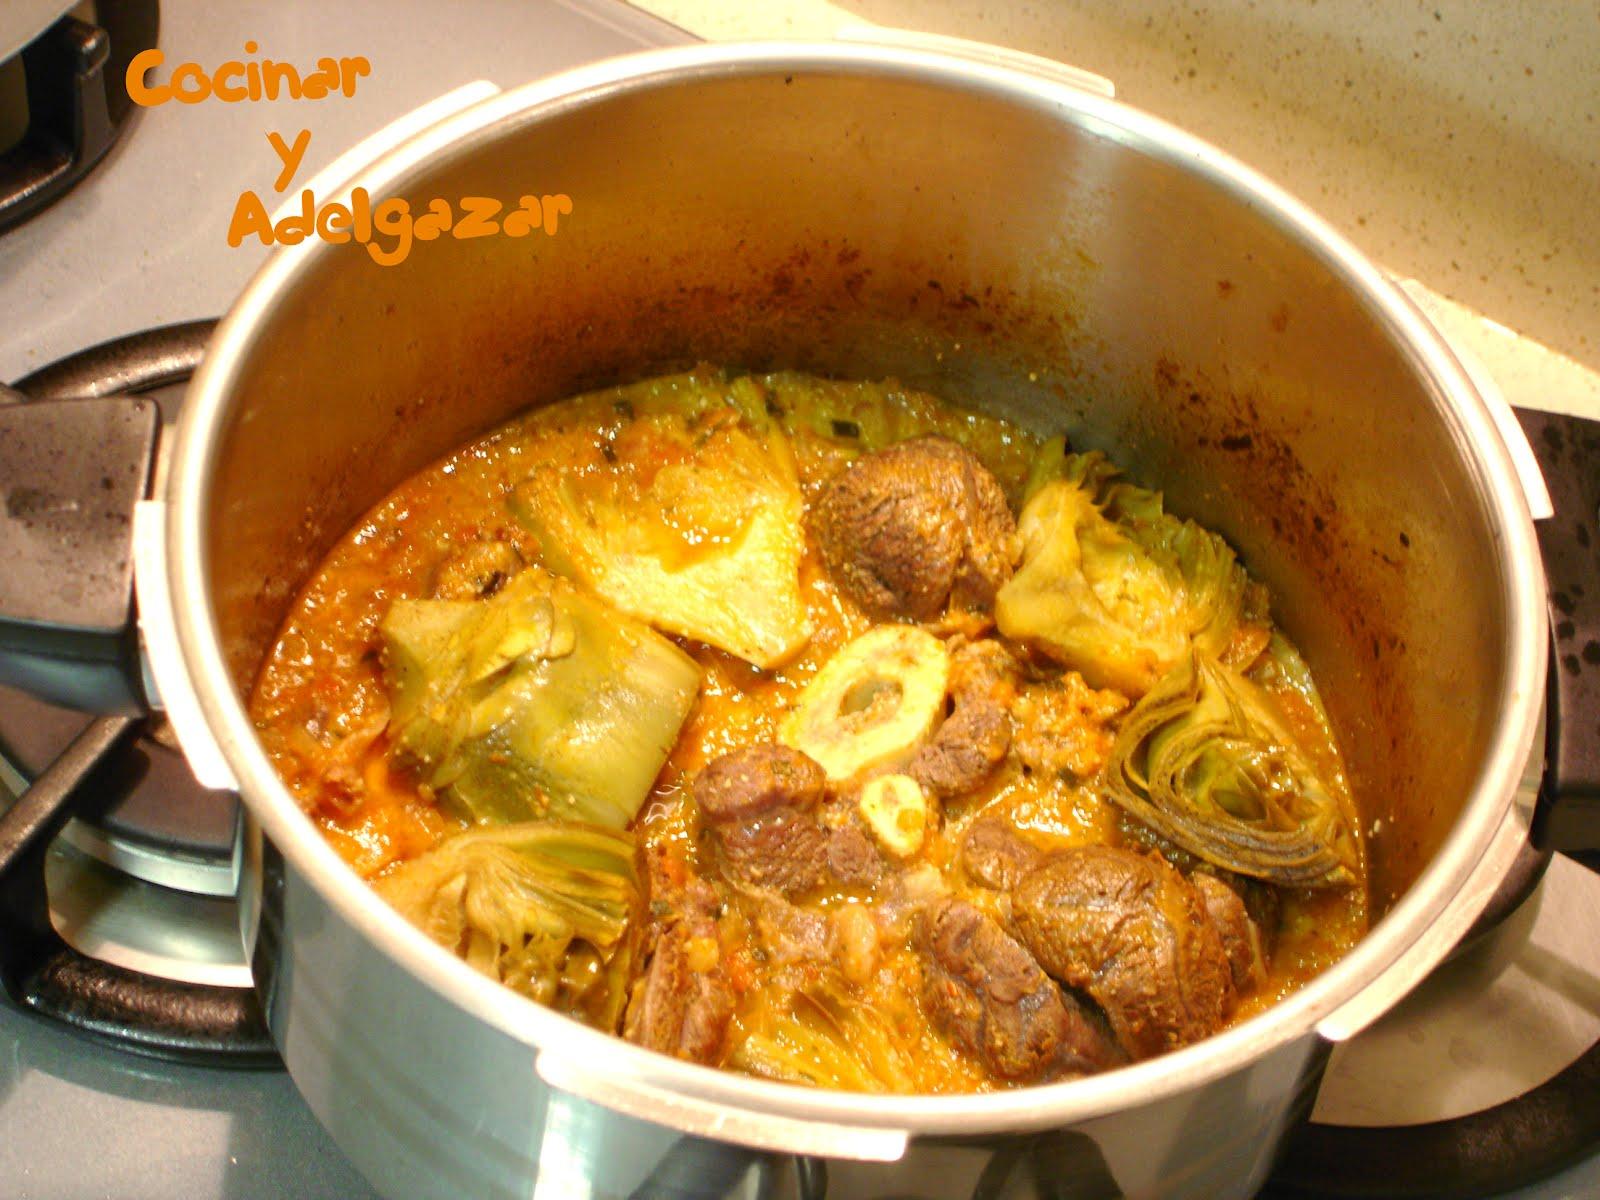 Cocinar y adelgazar osobuco con alcachofas for Cocinar y adelgazar